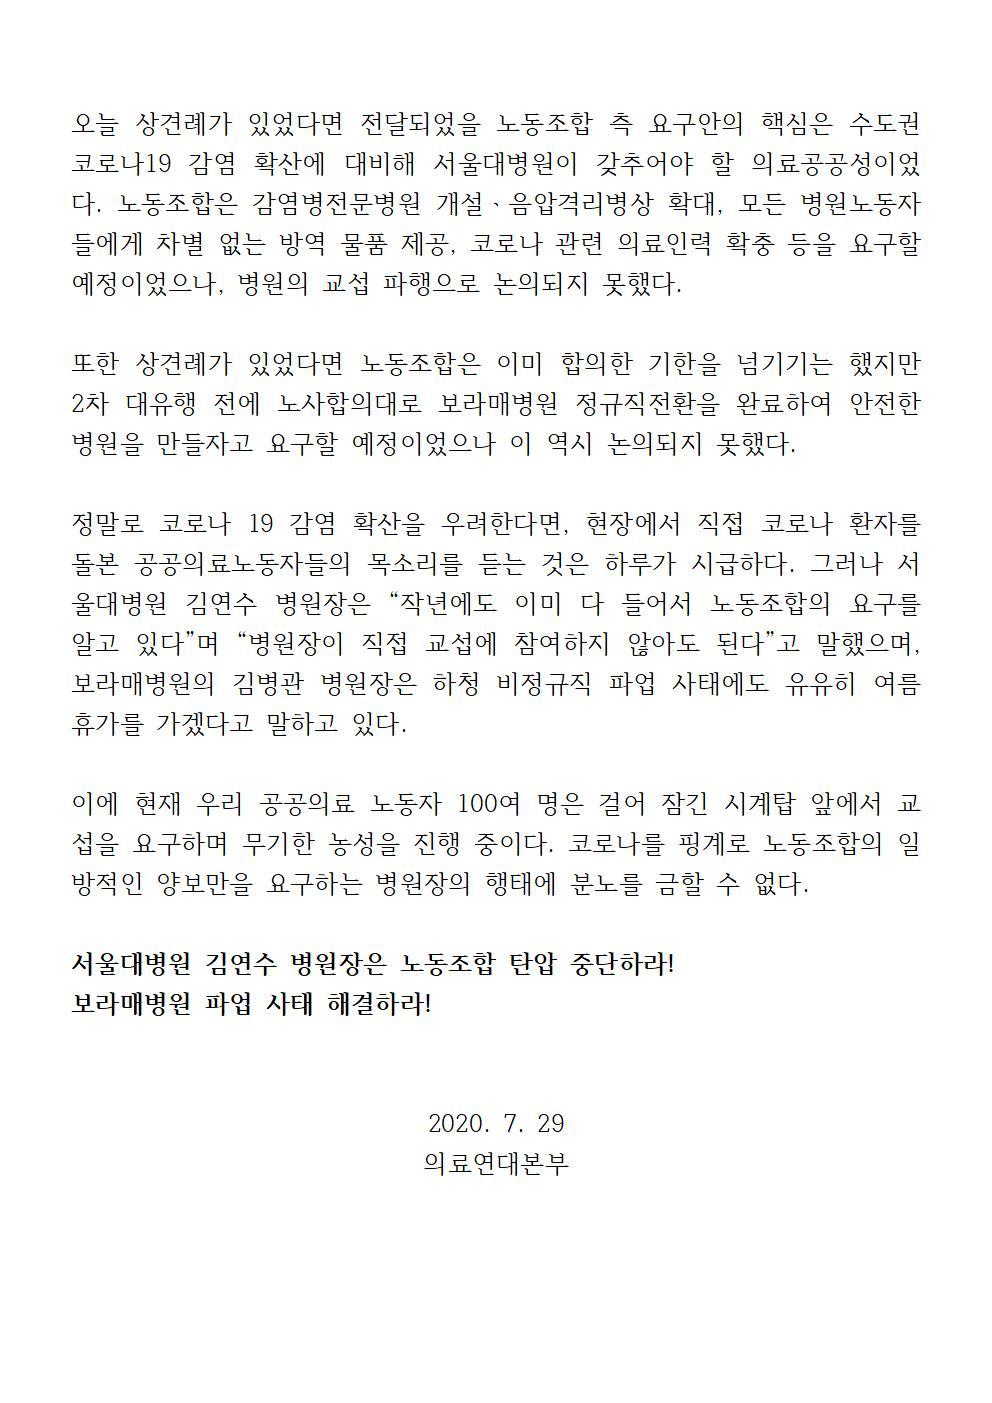 200729_성명_문걸어잠근서울대병원장002.jpg